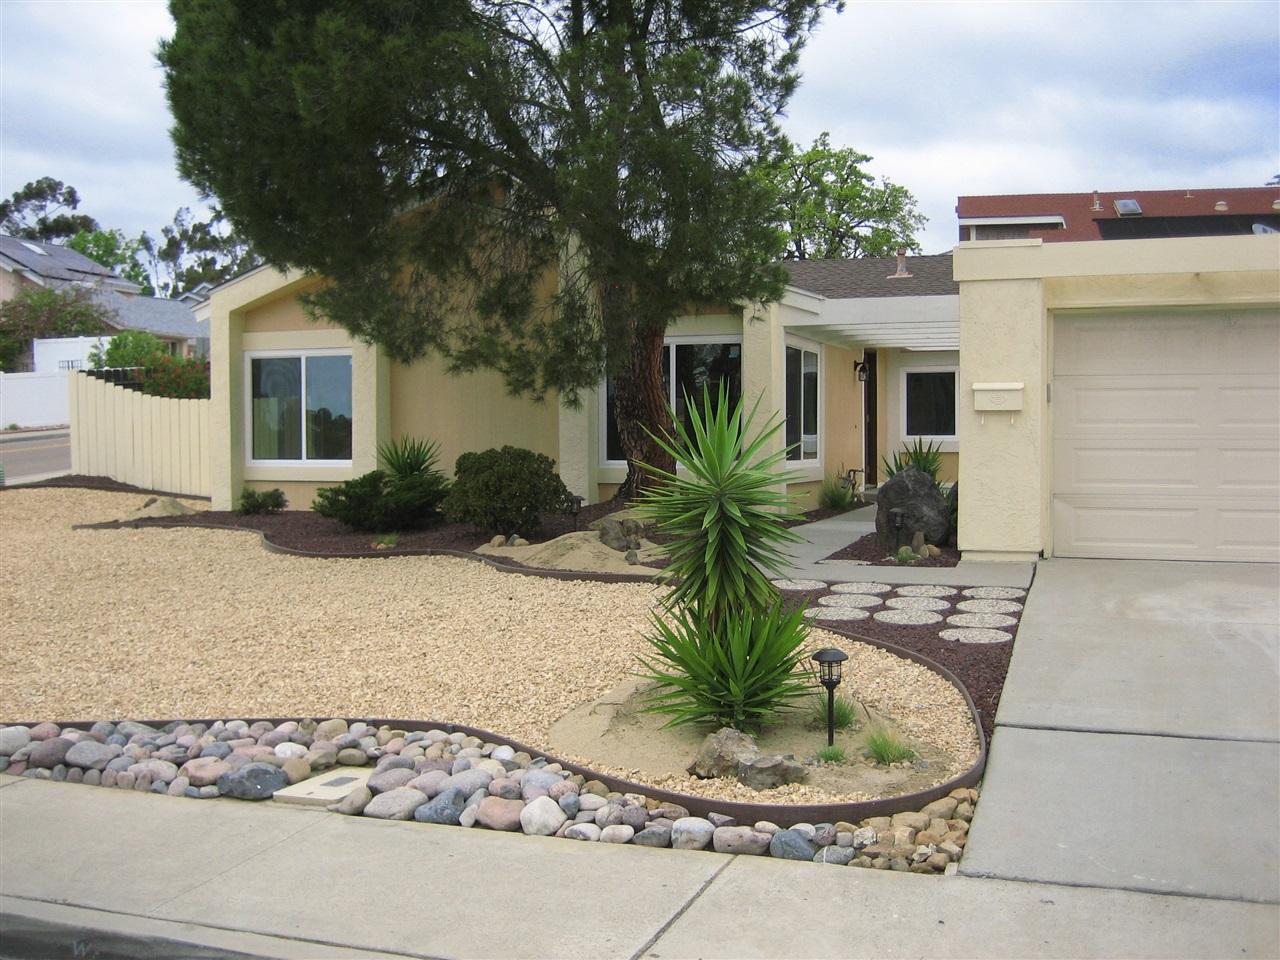 10848 Valiente, San Diego, CA 92124